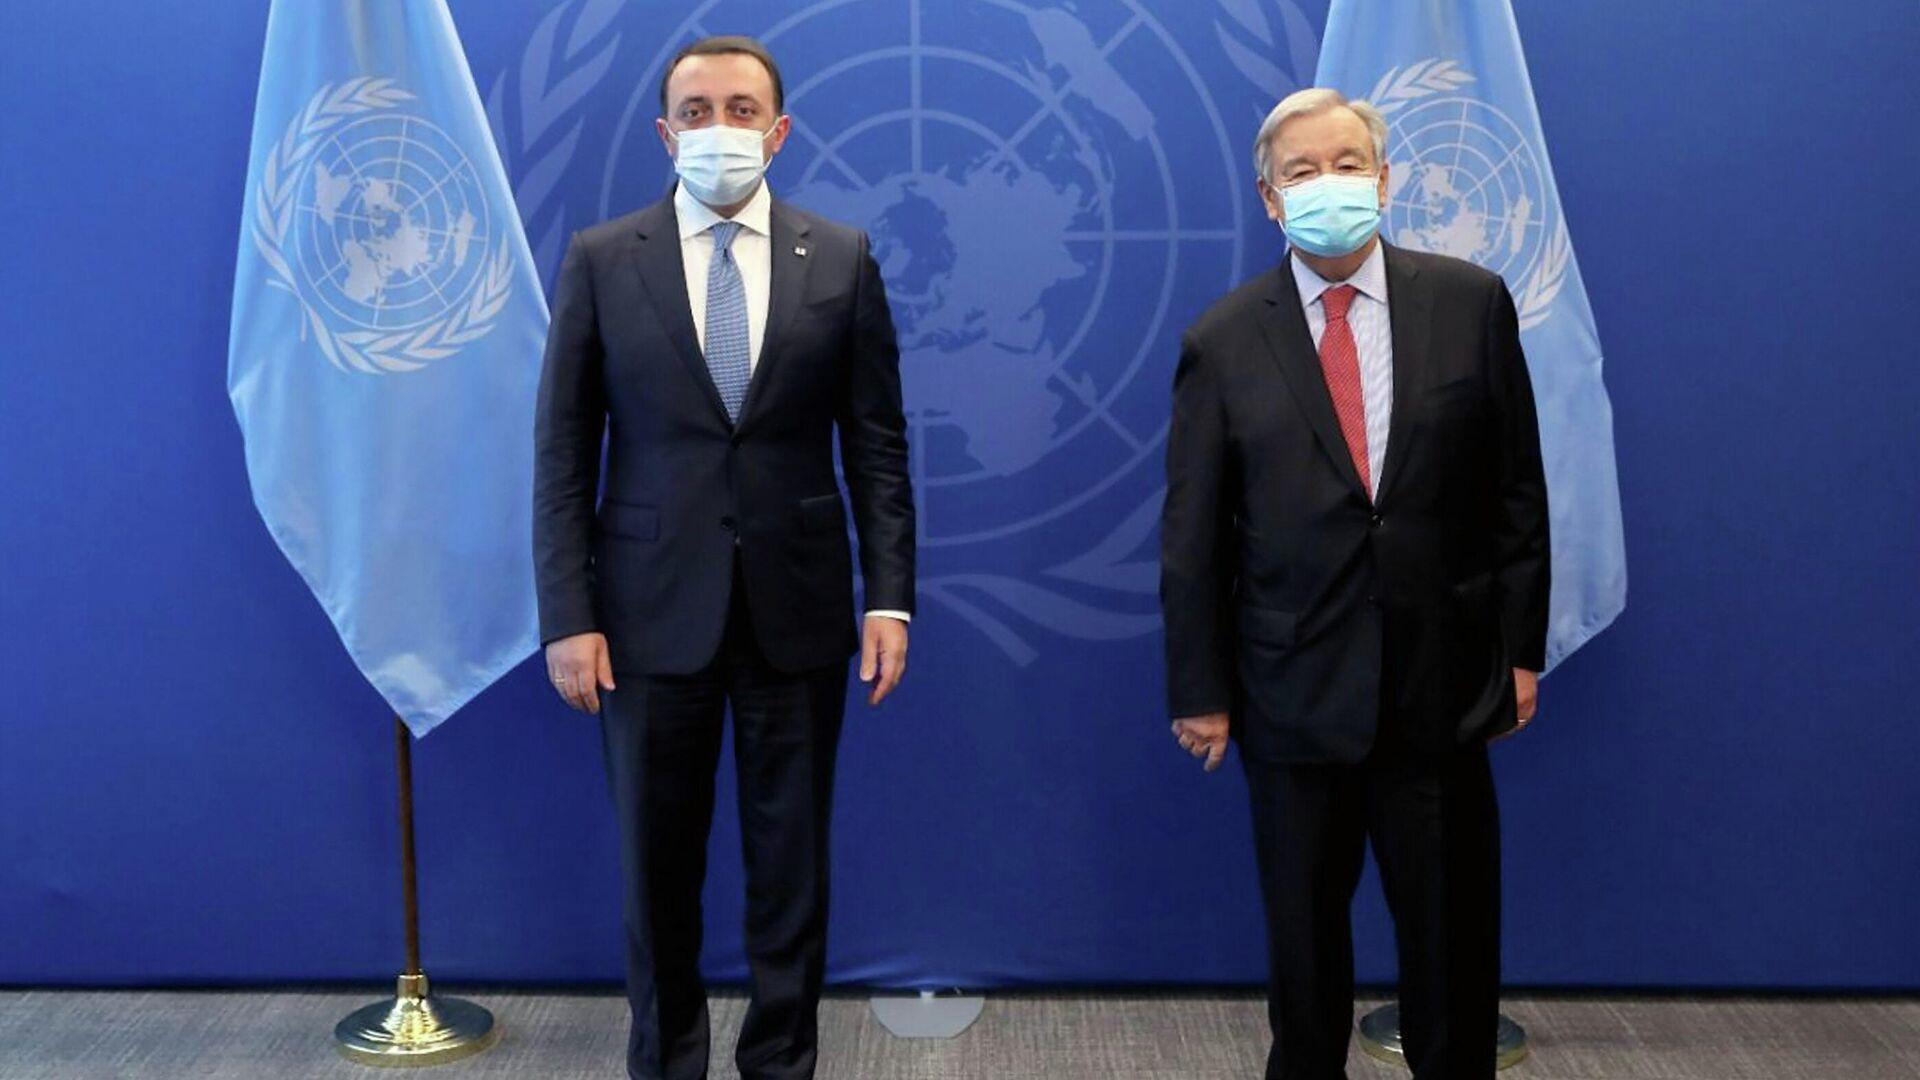 Ираклий Гарибашвили и Антонио Гутерриш в штаб-квартире ООН - Sputnik Грузия, 1920, 23.09.2021